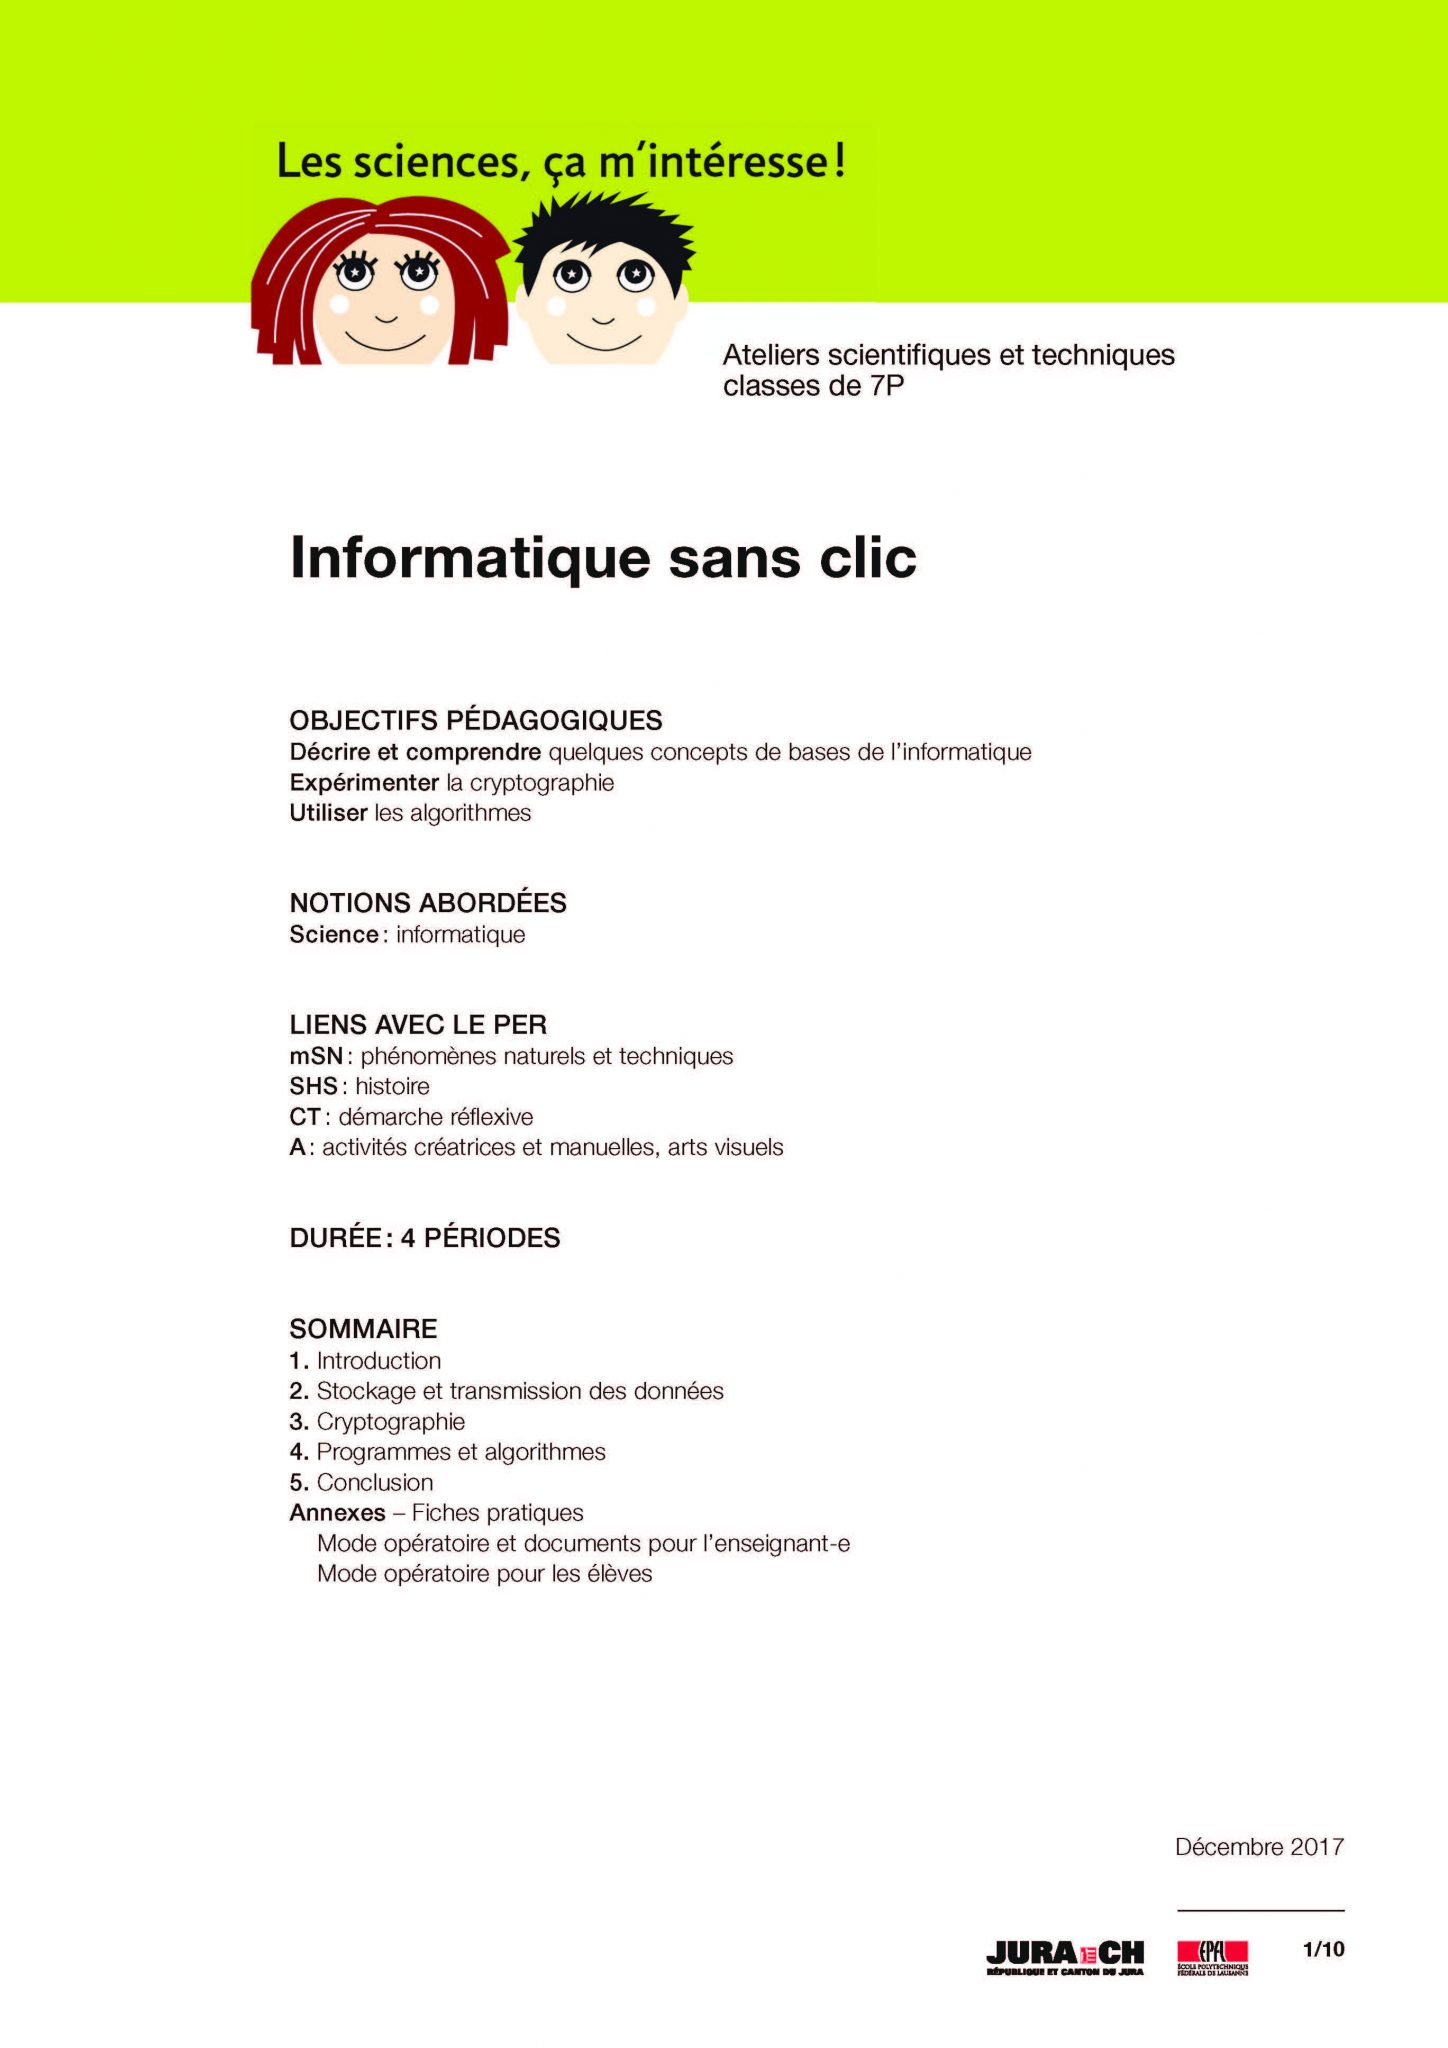 Dossier Informatique